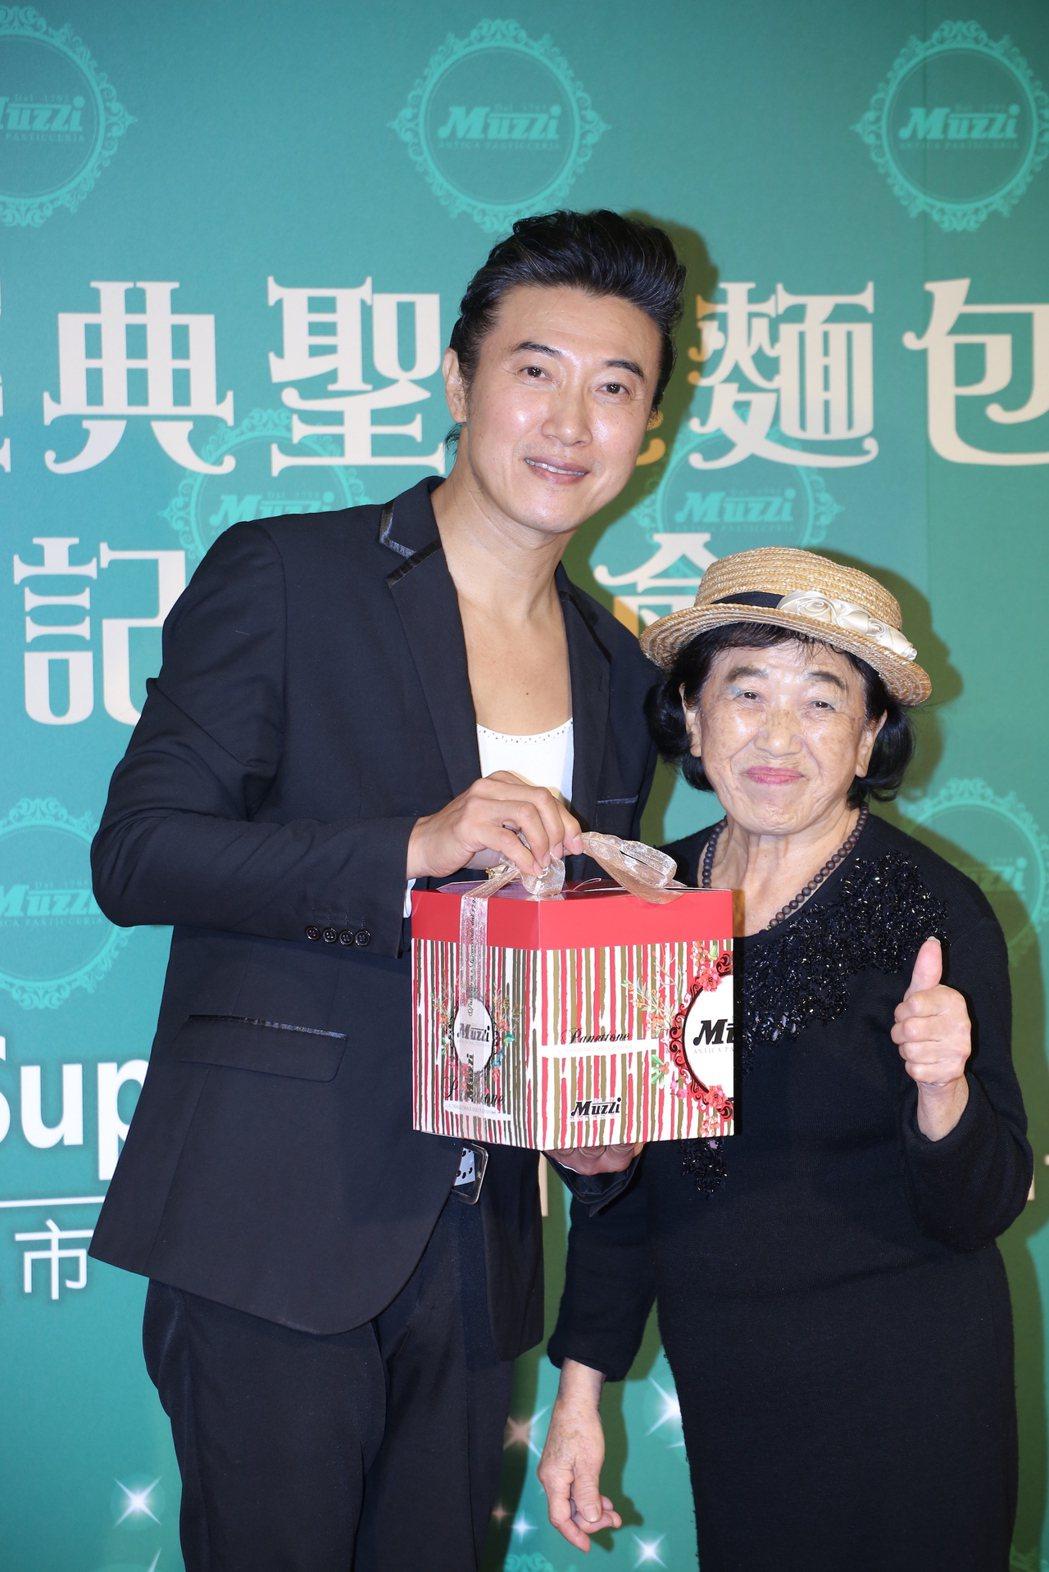 陳鴻(左)和媽媽一同出席活動。圖/越昇國際提供